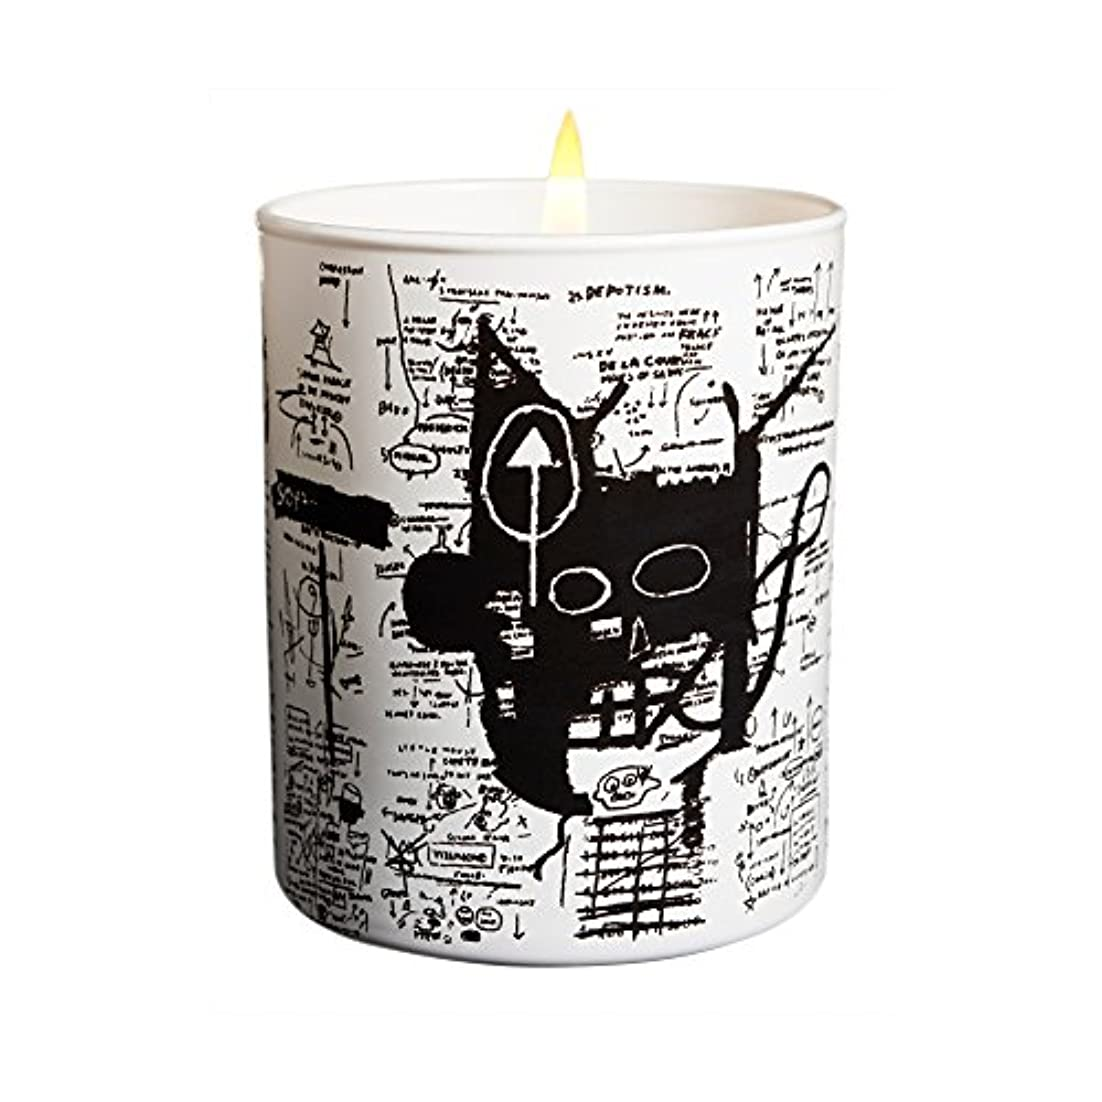 寝具クラシック魅力的ジャン ミシェル バスキア リターン オブ ザ セントラル フィギュア キャンドル(Jean-Michael Basquiat Perfumed Candle